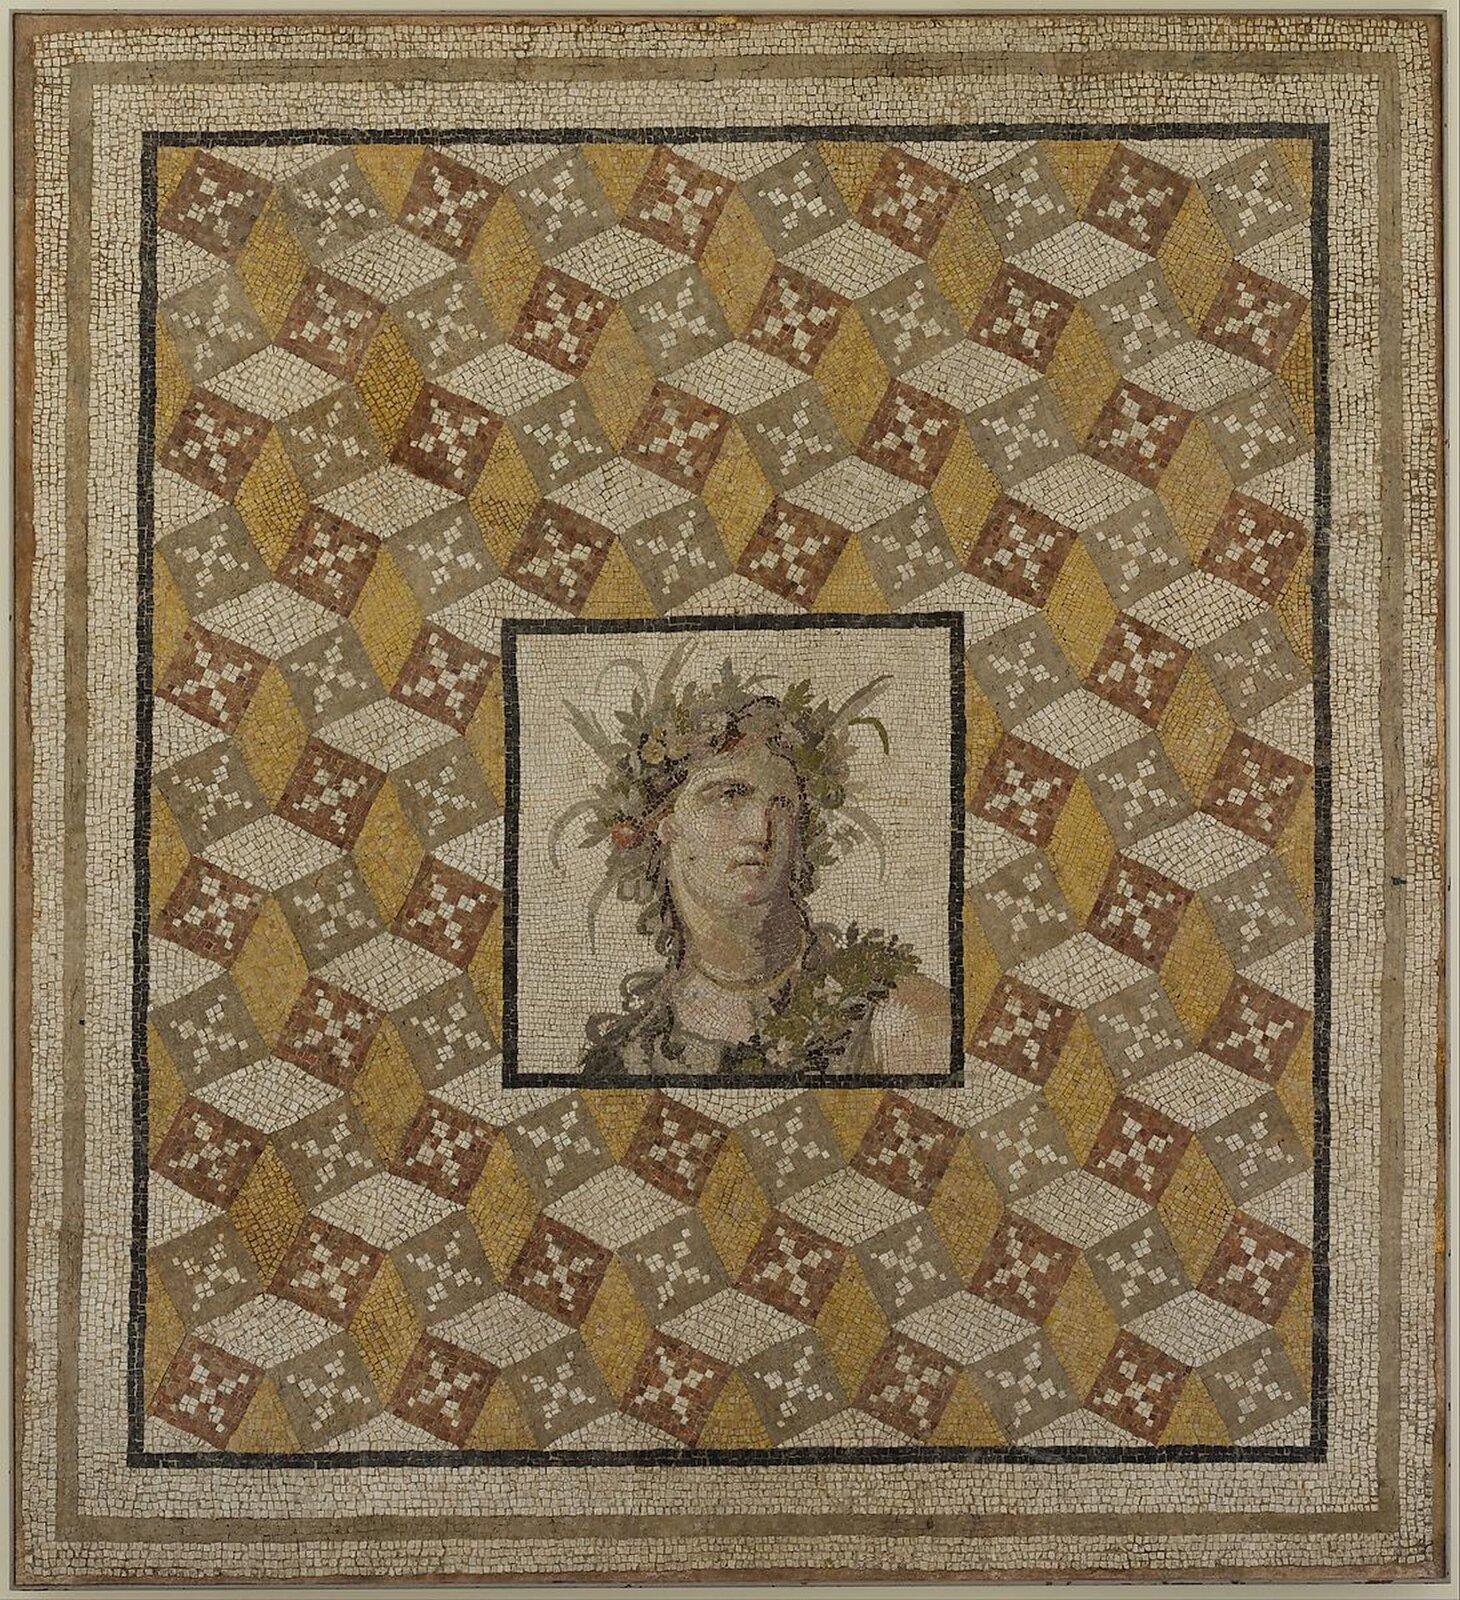 Mozaika podłogowa przedstawia postać nieznanego młodego mężczyzny. Pozuje on zpółprofilu ispogląda wprawą stronę. Na jego głowie widoczny jest duży wianek wykonany zróżnych liści iowoców.